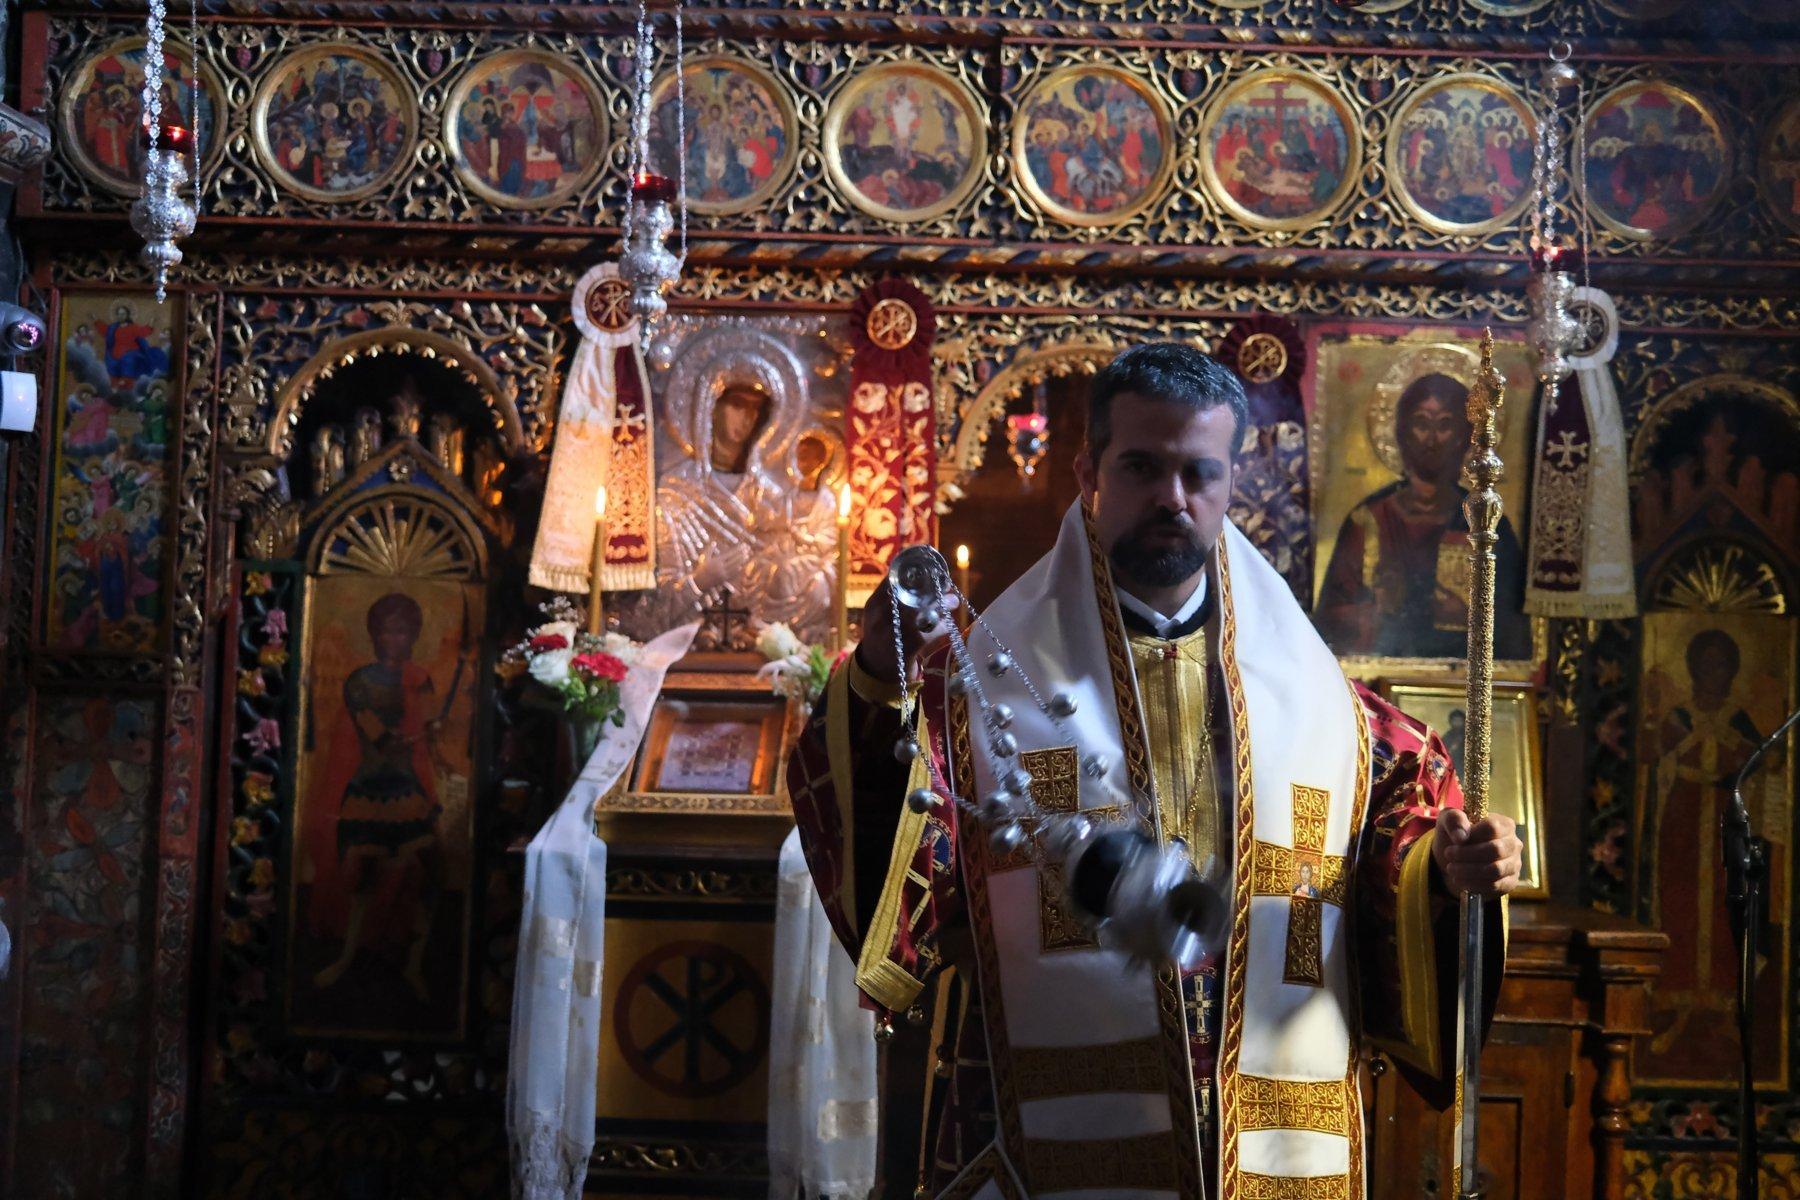 DSCF7838  - Ο Επίσκοπος Μελιτηνής στην Ι. Μονή Παναγίας Πελεκητής